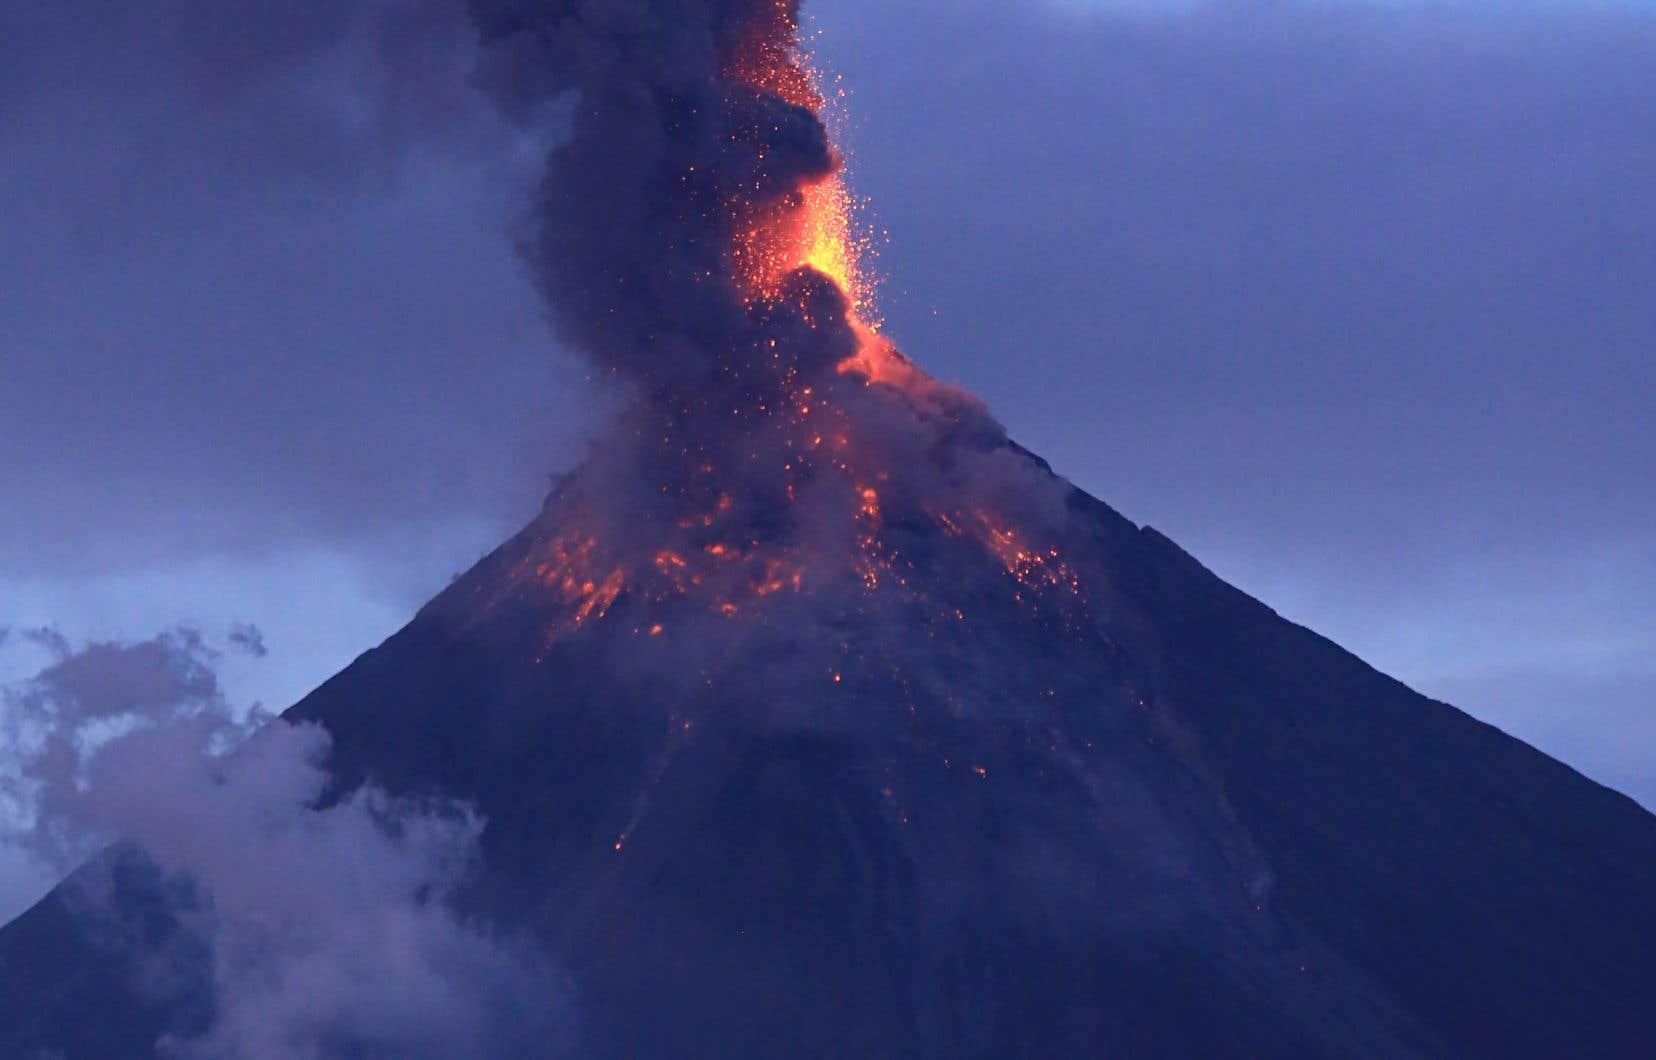 L'éruption spectaculaire, mais de plus en plus dangereuse, du mont Mayon a chassé plus de 74 000 villageois vers des abris d'urgence.